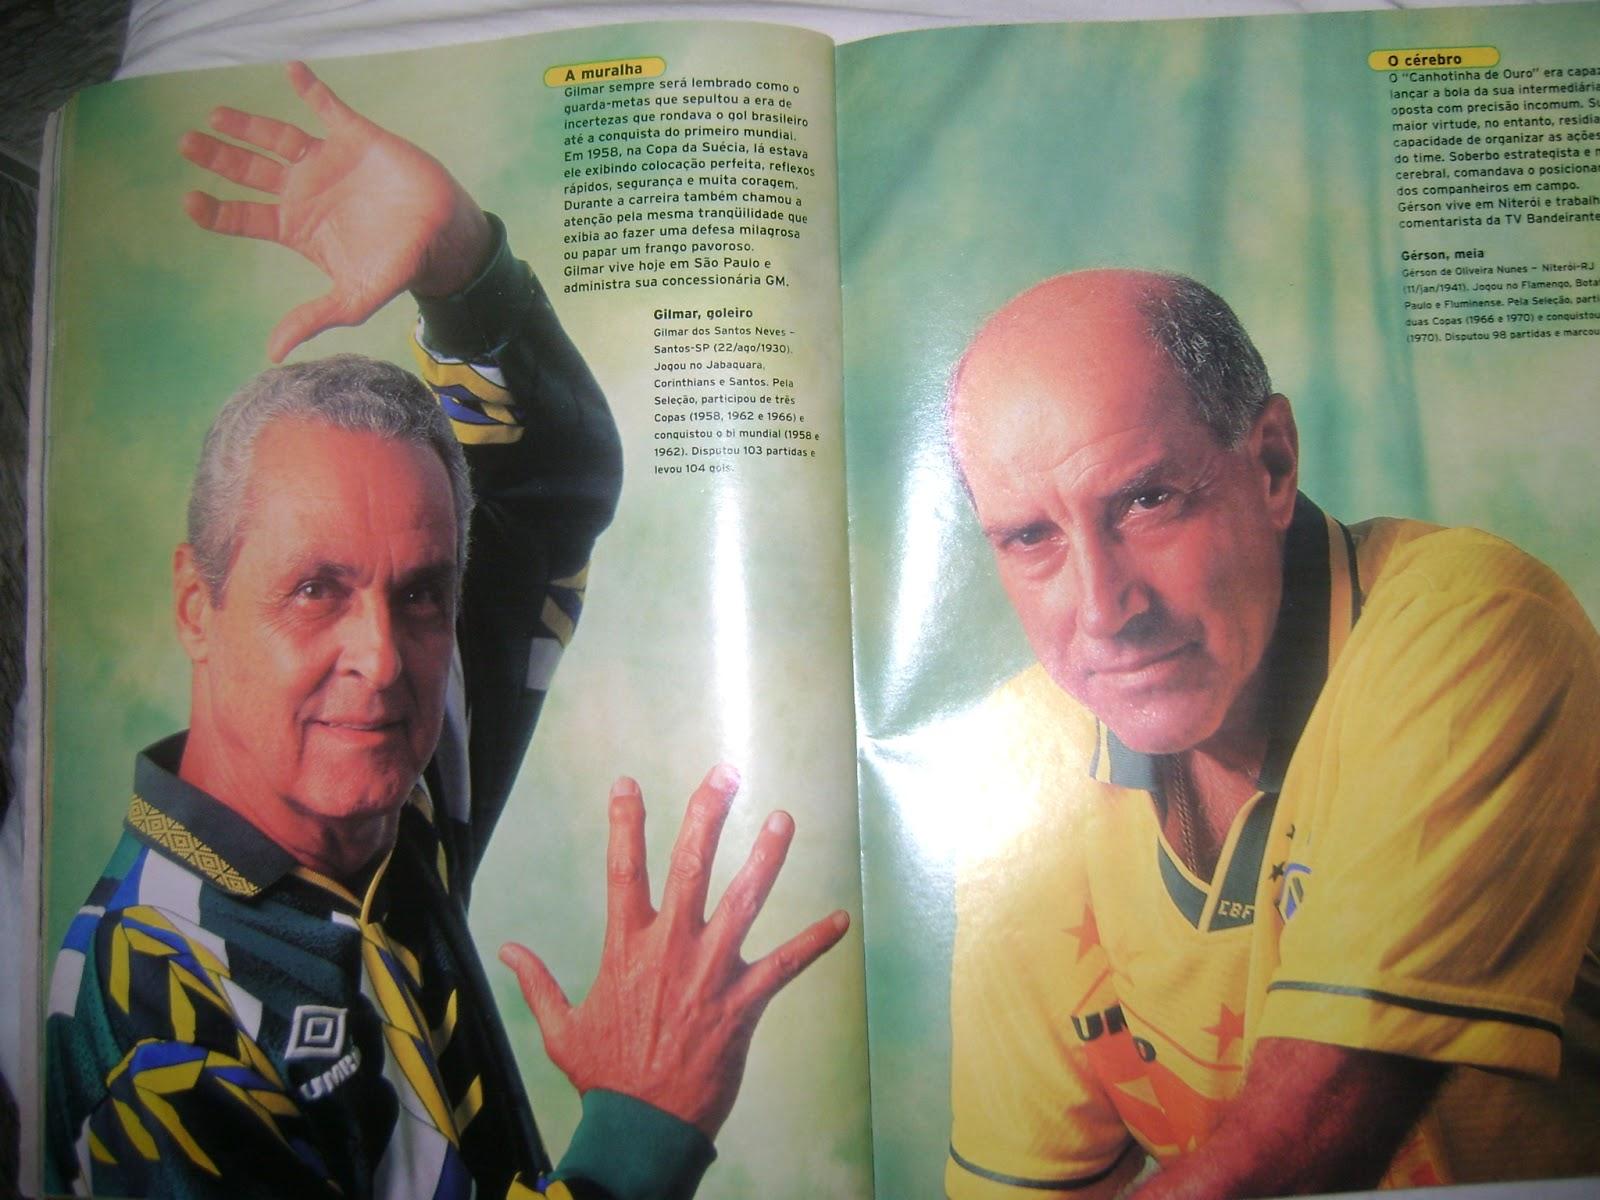 Gérson De Oliveira Nunes pertaining to blog tadeu miracema vocÊ É o foco : a seleÇÃo brasileira de todos